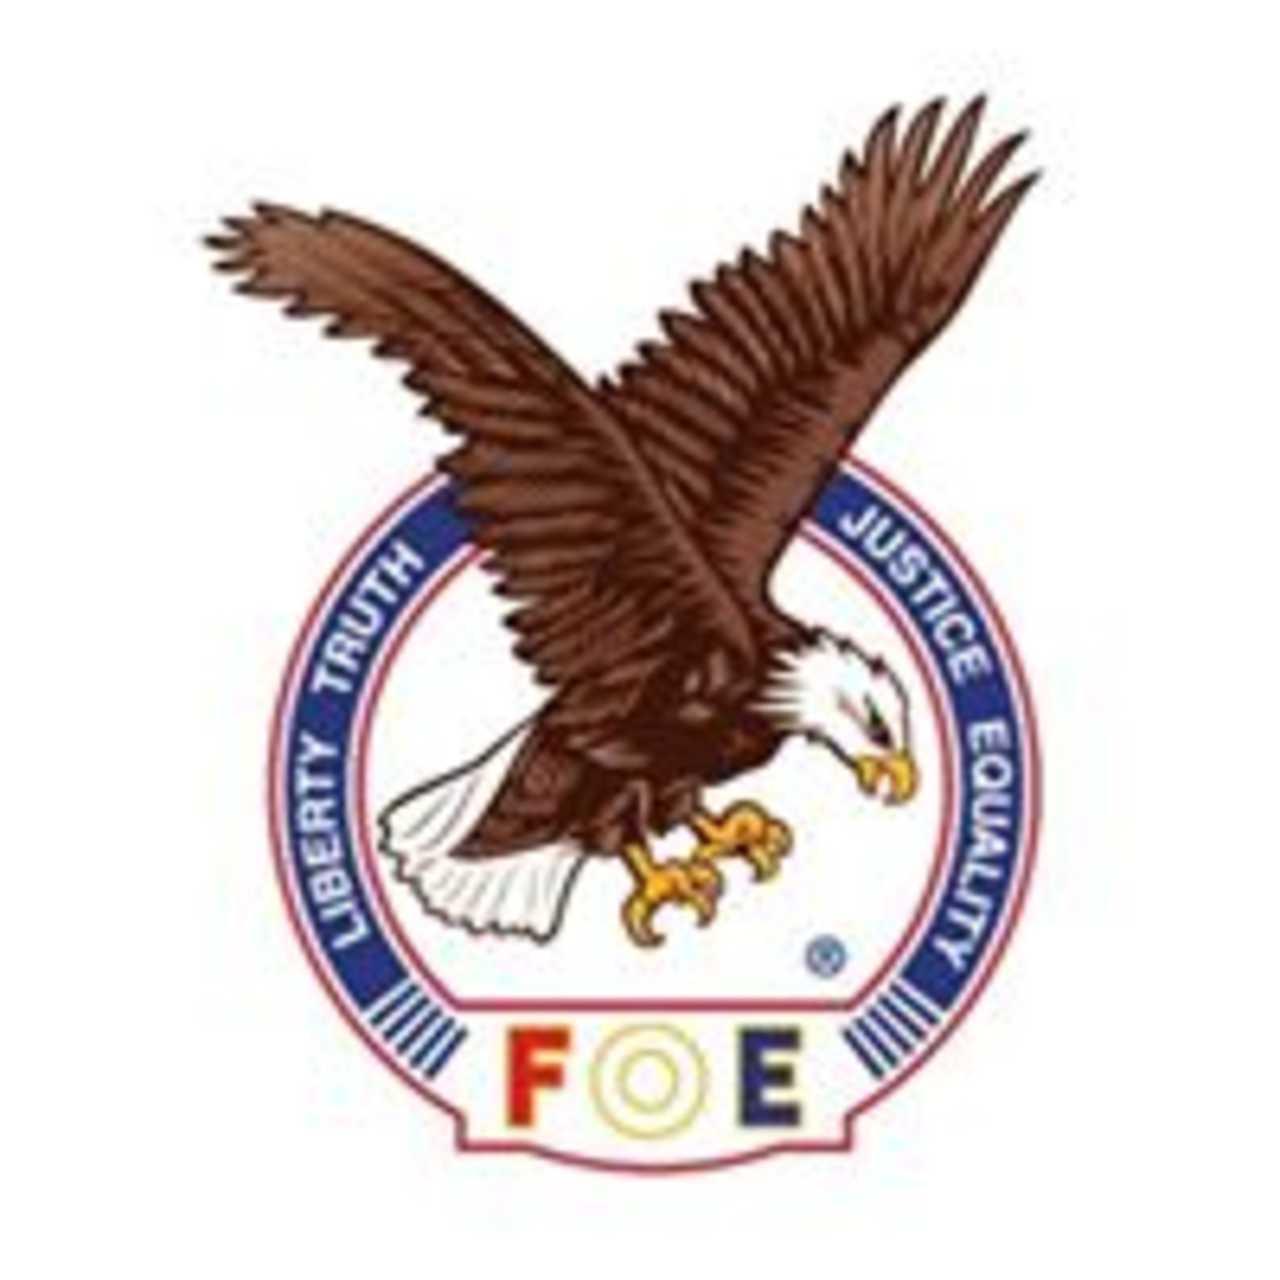 Willmar Eagles Club - Community - Social Associations in Willmar MN